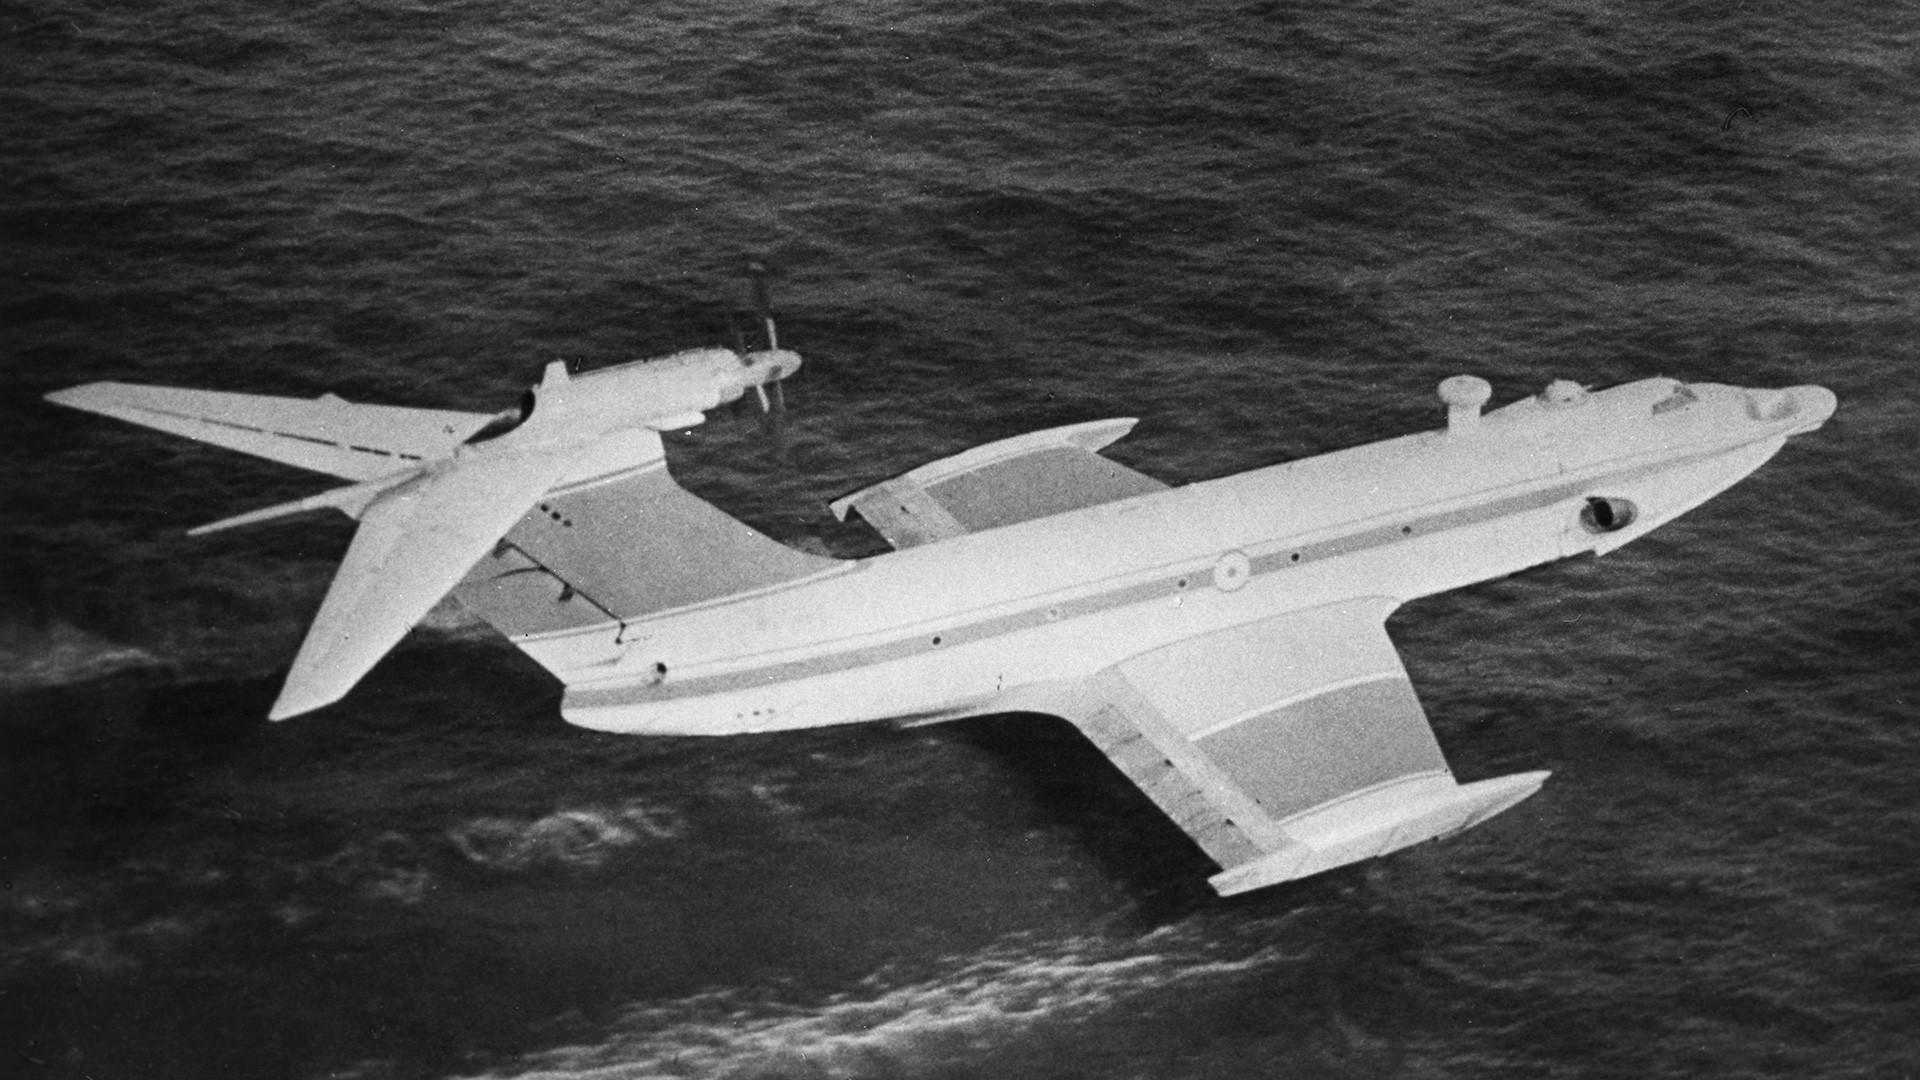 Sovjetski ekranoplan Orljonok (»Orlič«), ki je lahko vzletal in pristajal tudi v močnem vetru.